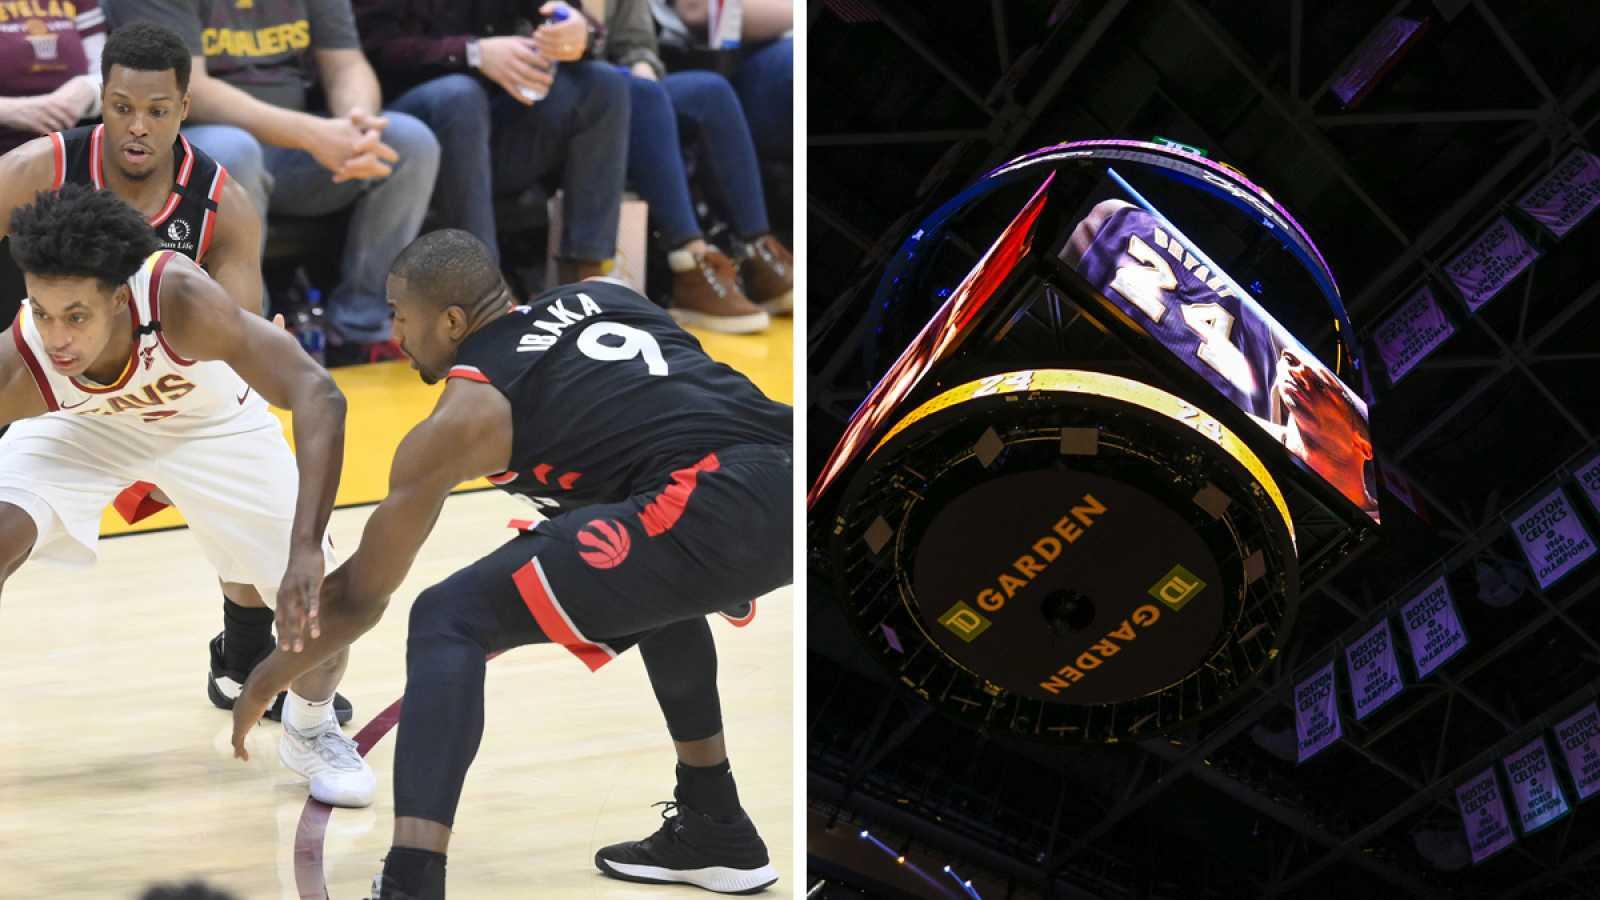 A la izquierda, Ibaka trata de robar un balón; a la derecha, homenaje a Kobe en su cancha rival, el TD Garden de los Celtics